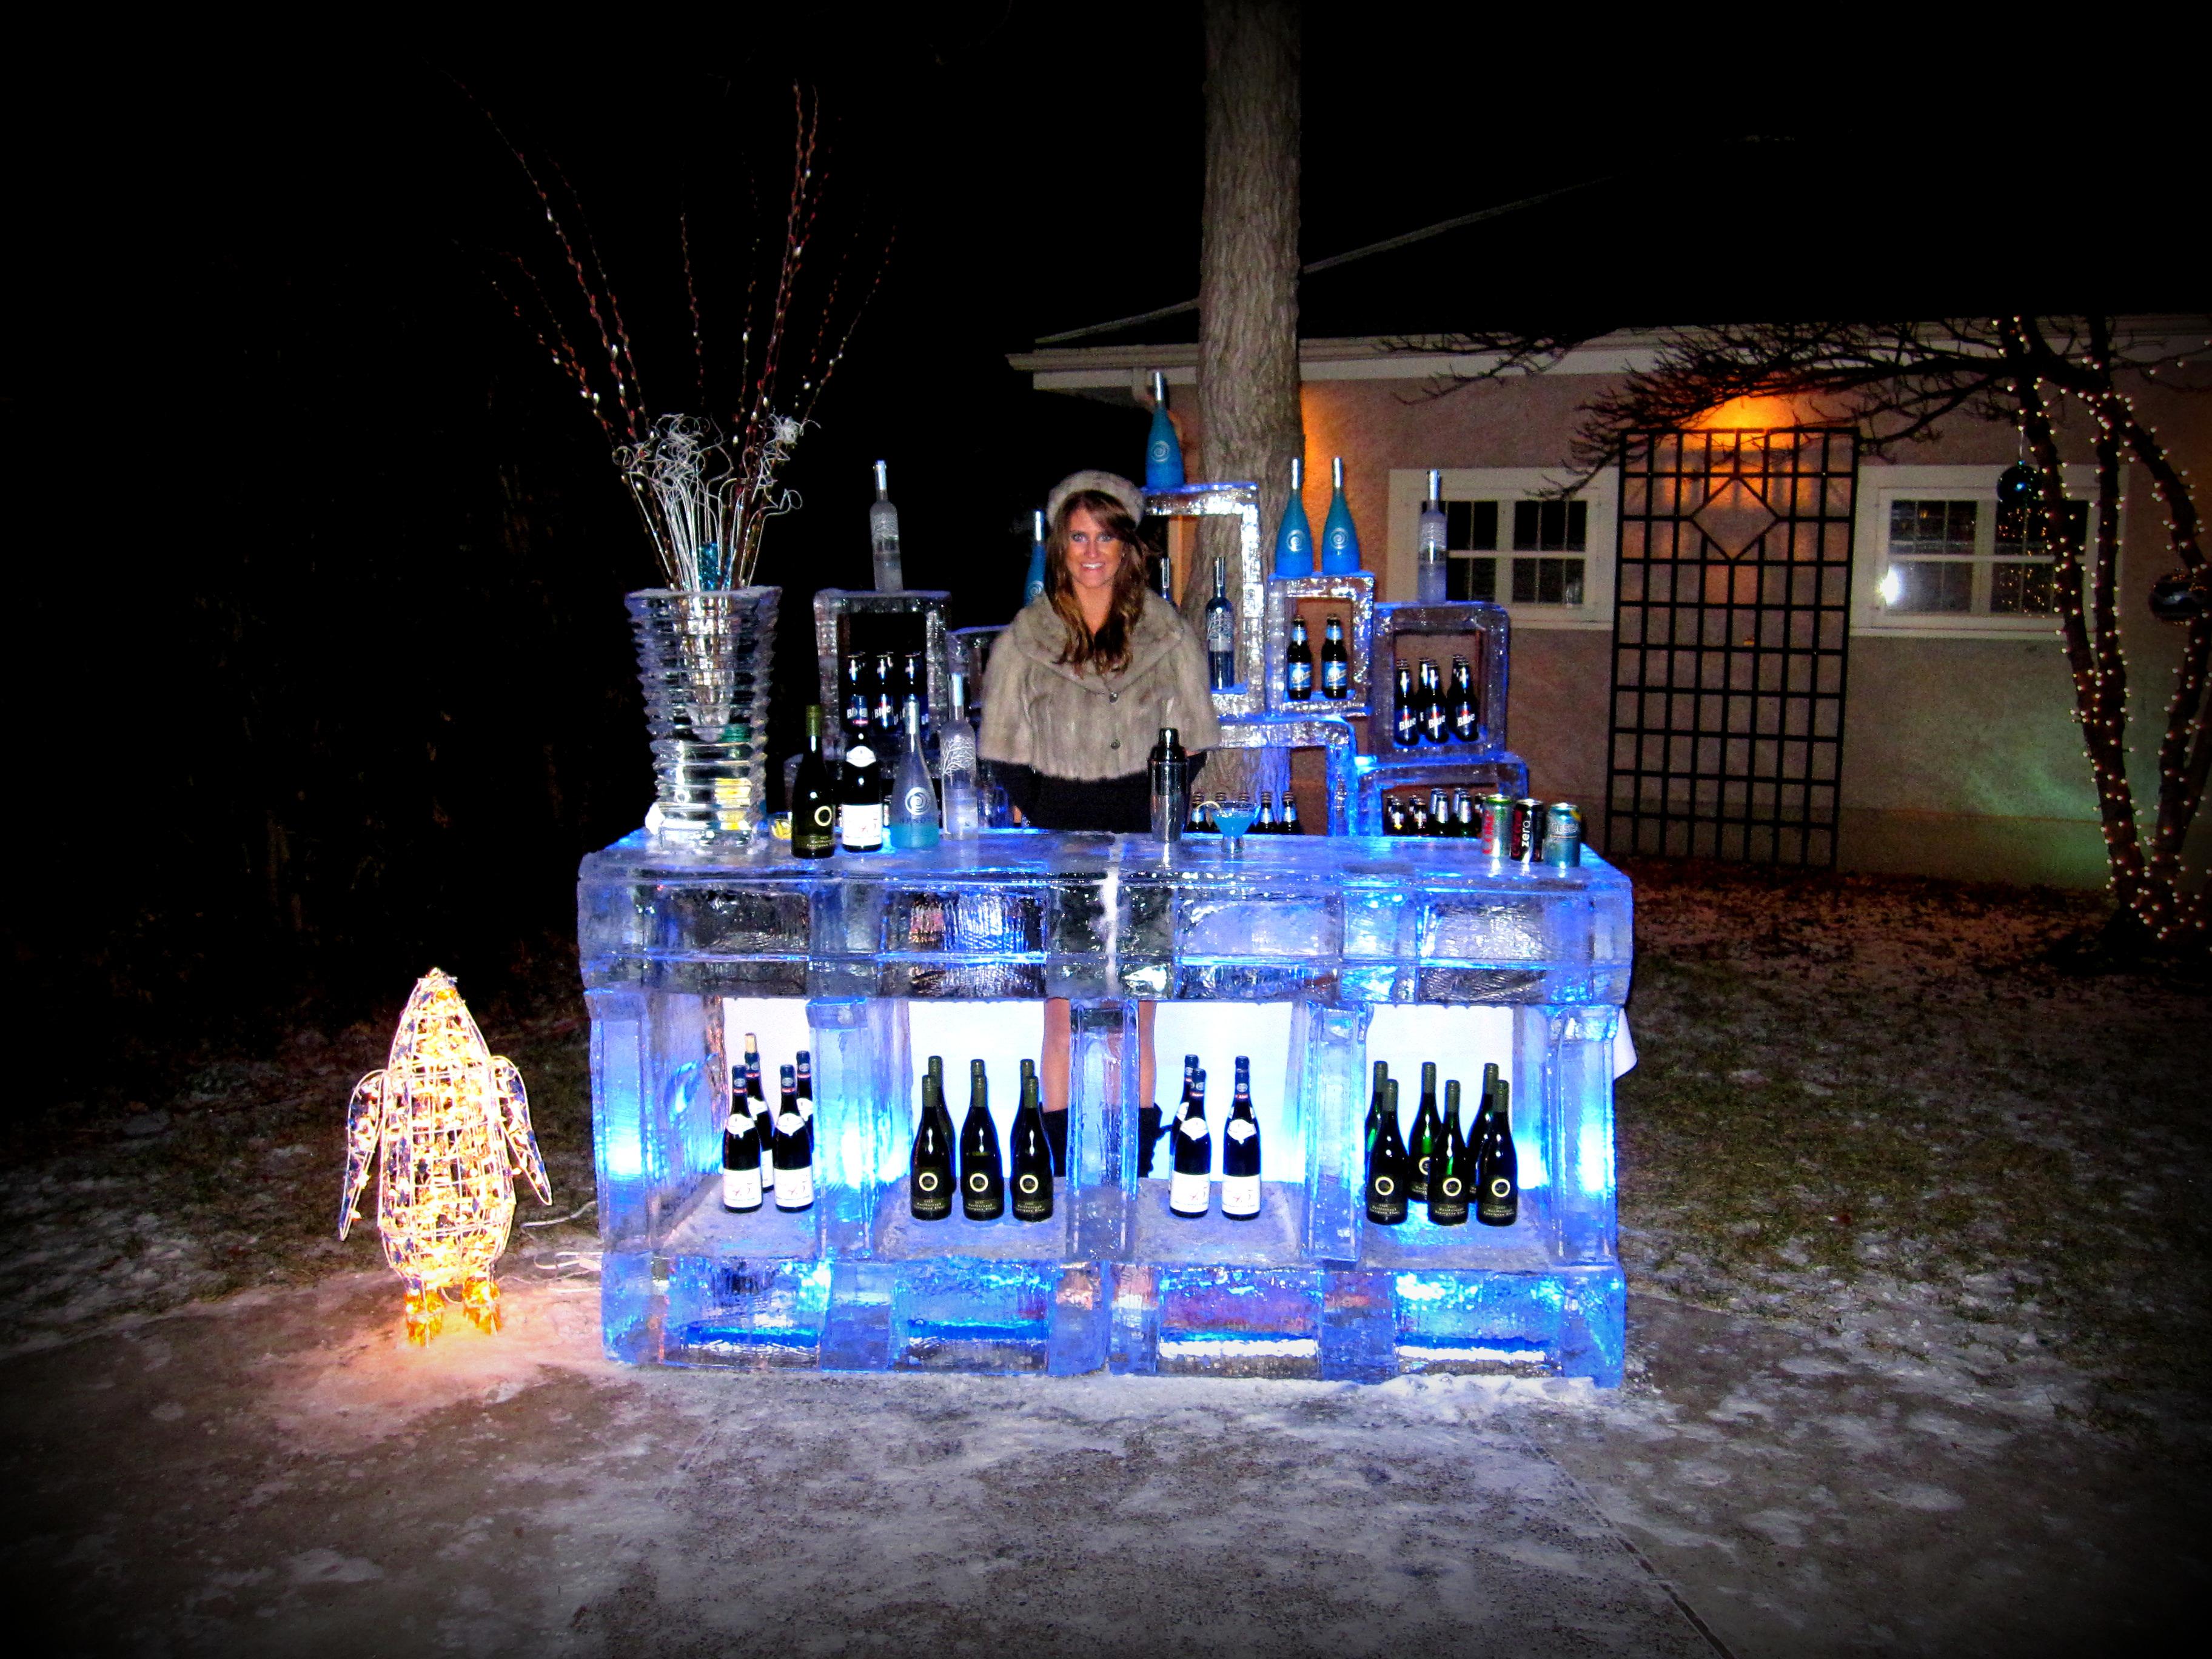 Ice_Bar_Sculpture